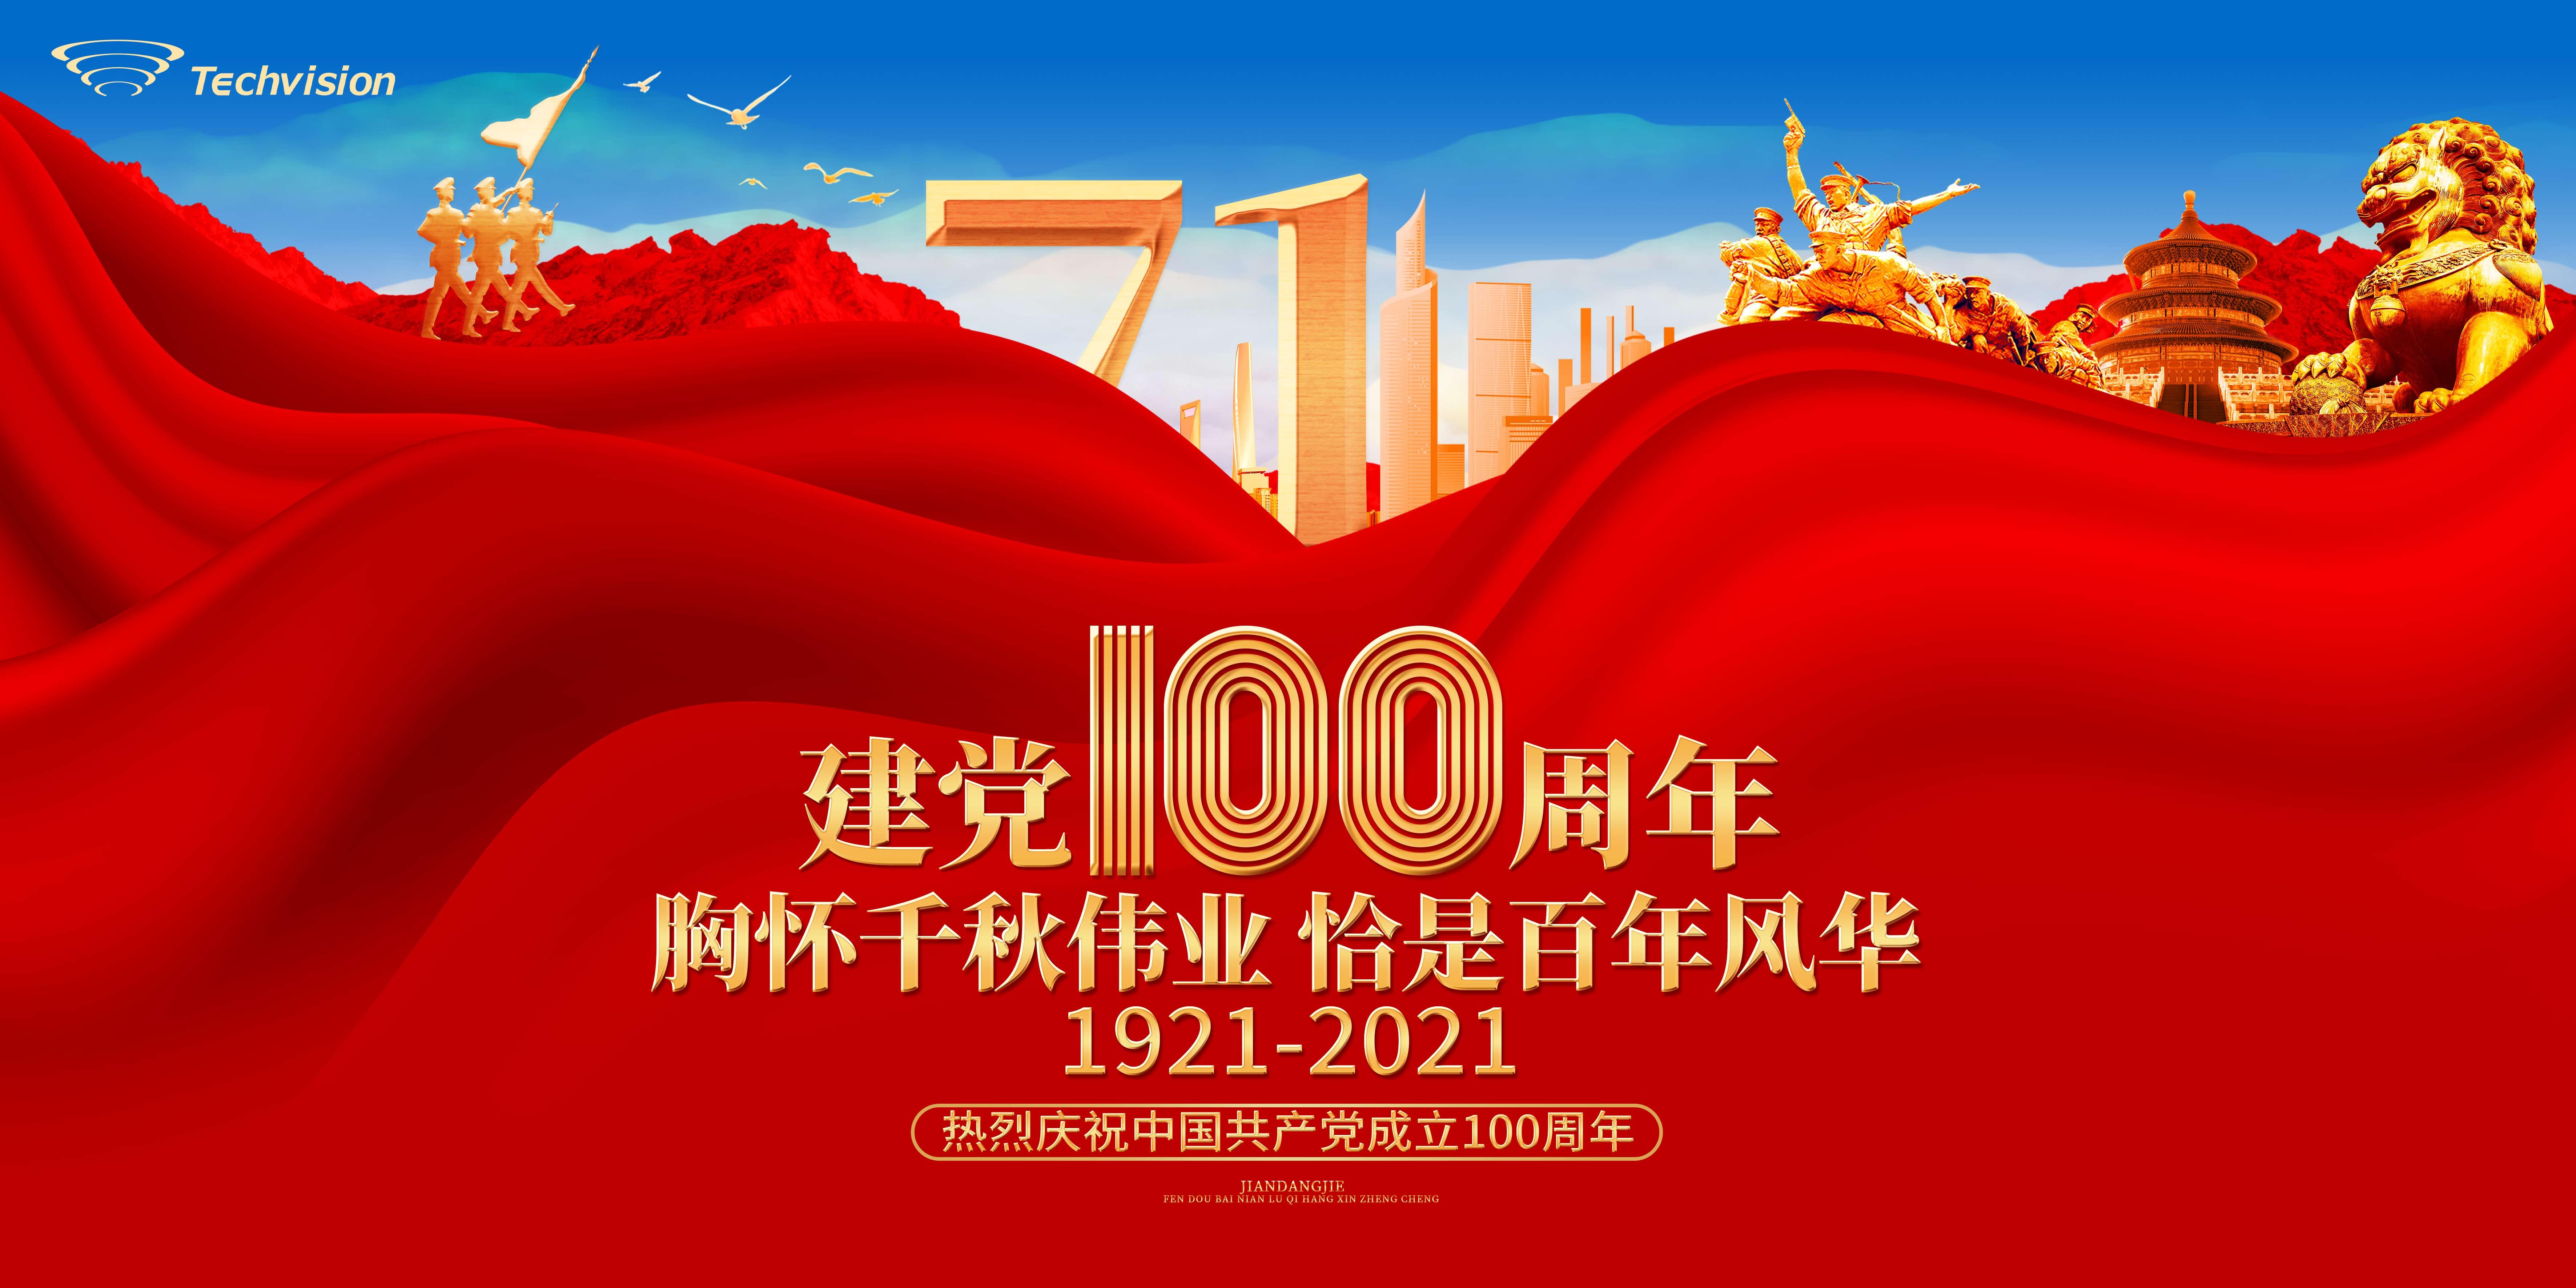 慧为智能庆祝中国共产党建党100周年